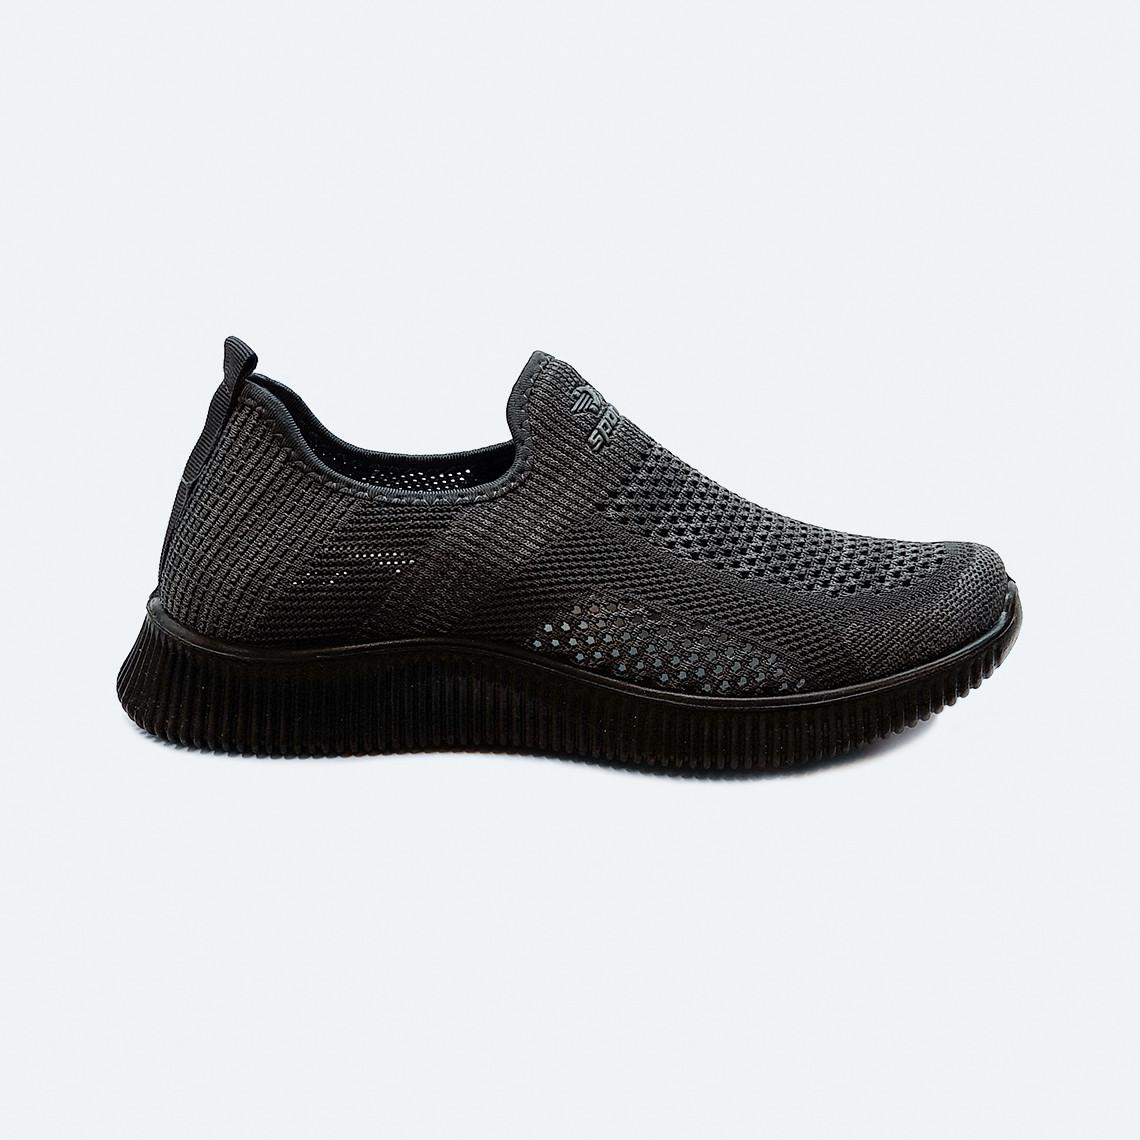 Мужские летние кроссовки текстильные серые без шнурков